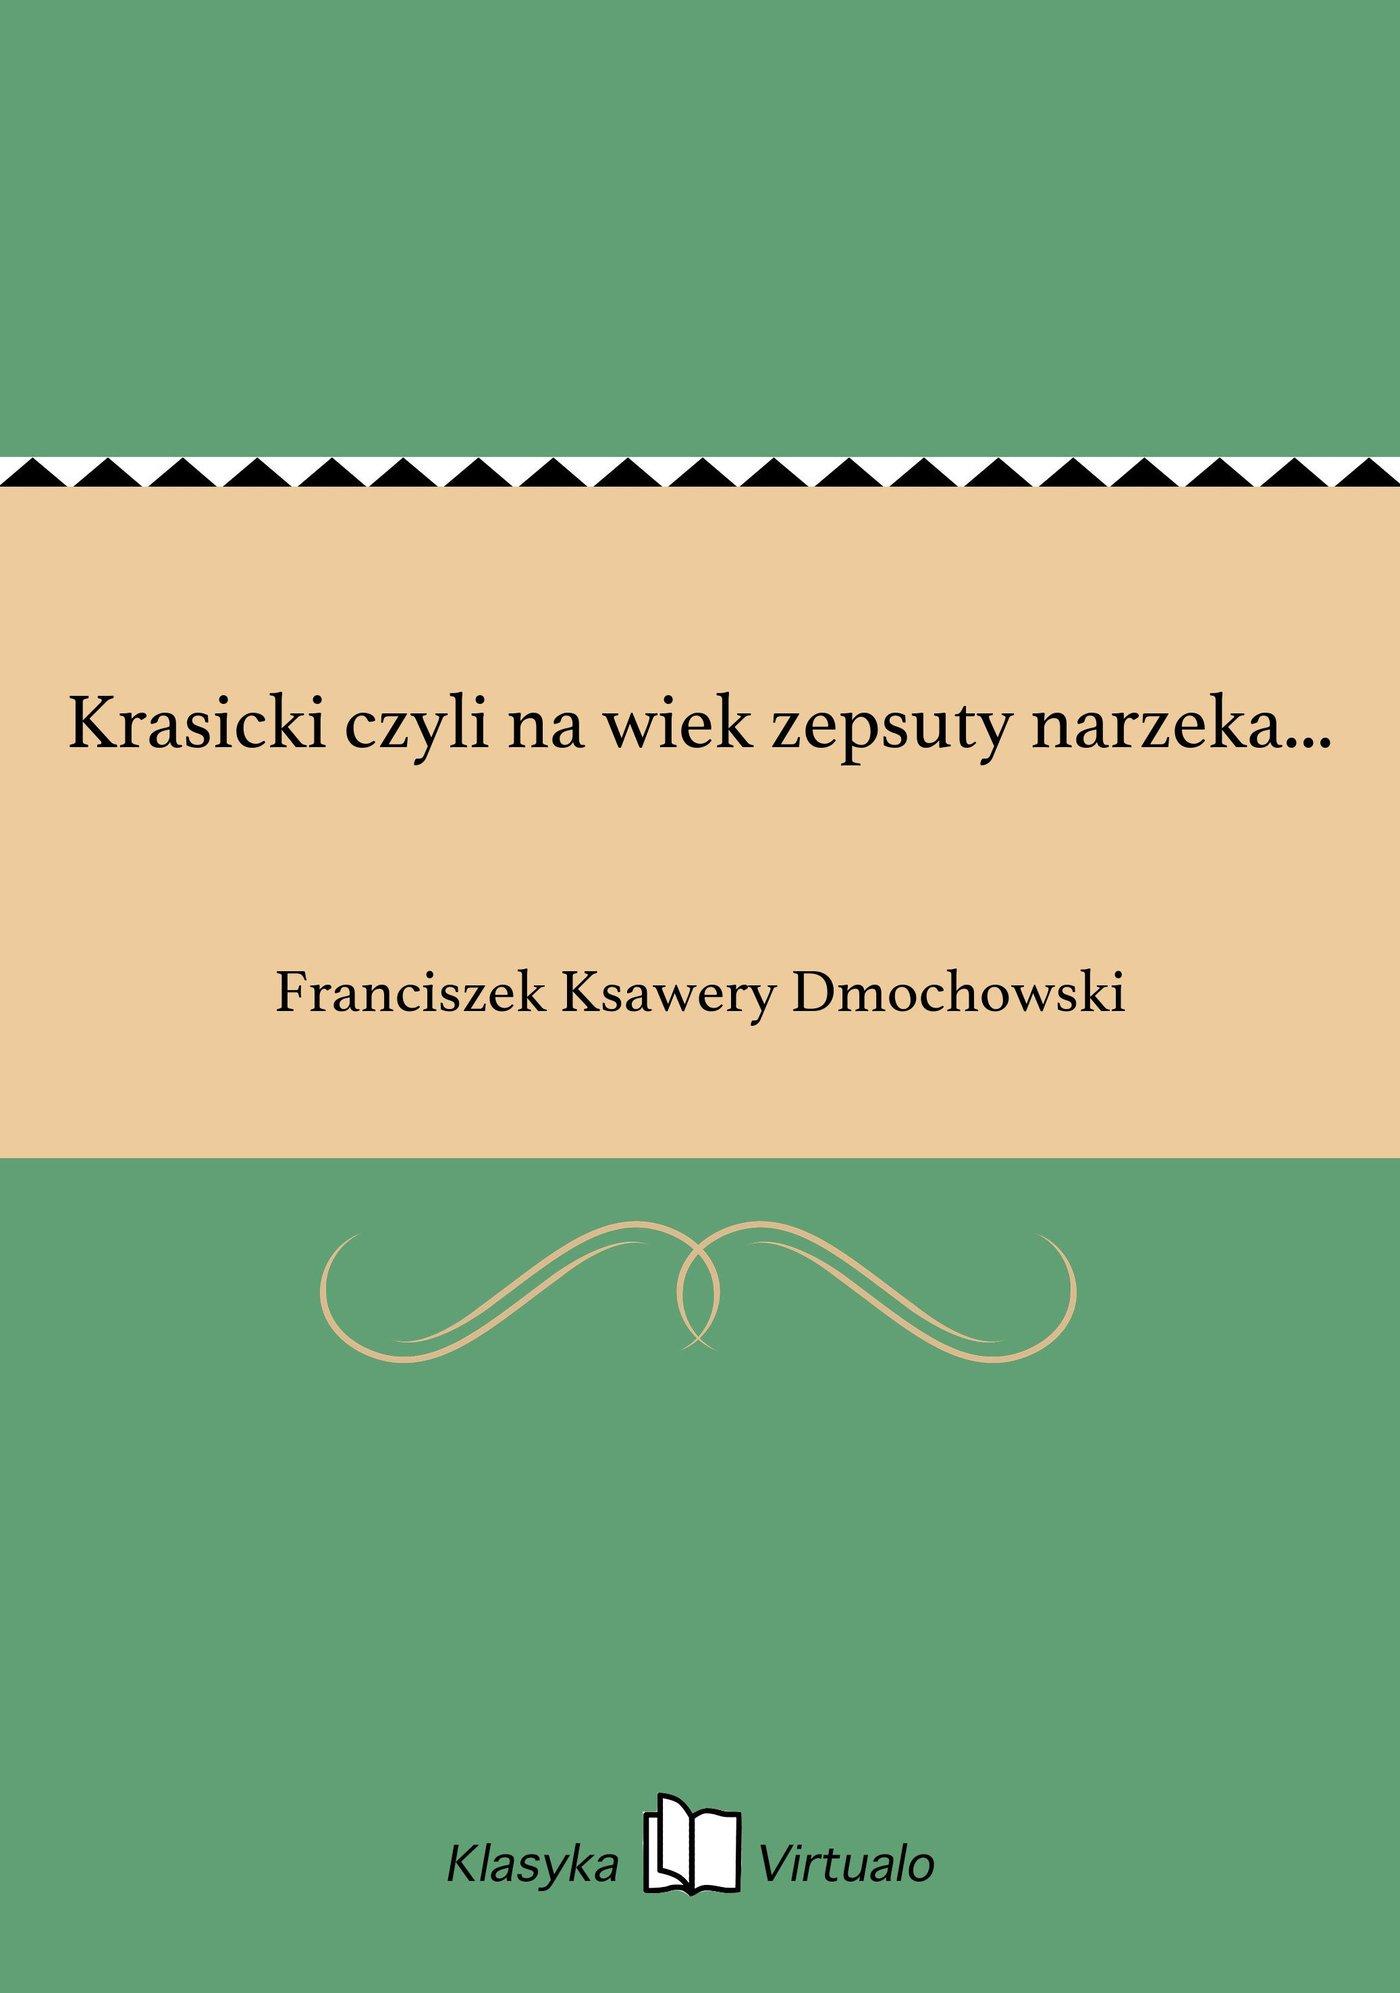 Krasicki czyli na wiek zepsuty narzeka... - Ebook (Książka EPUB) do pobrania w formacie EPUB